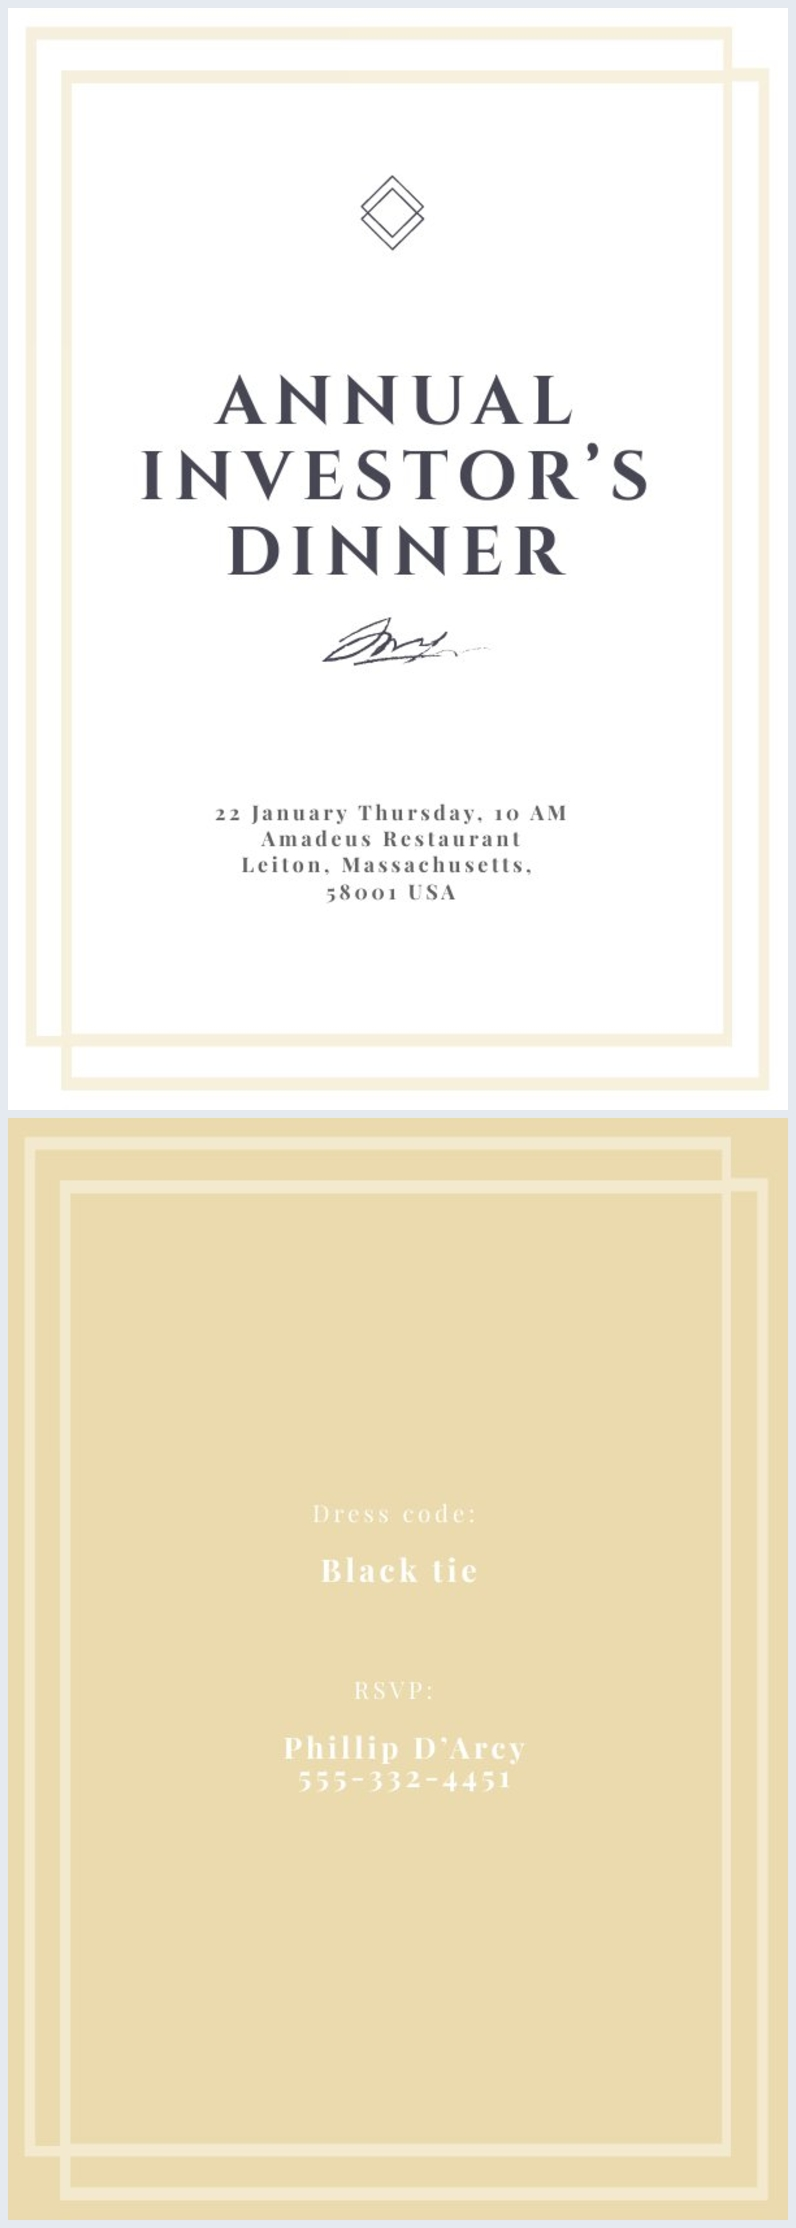 Geschäftsessen-Einladungs-Design-Idee